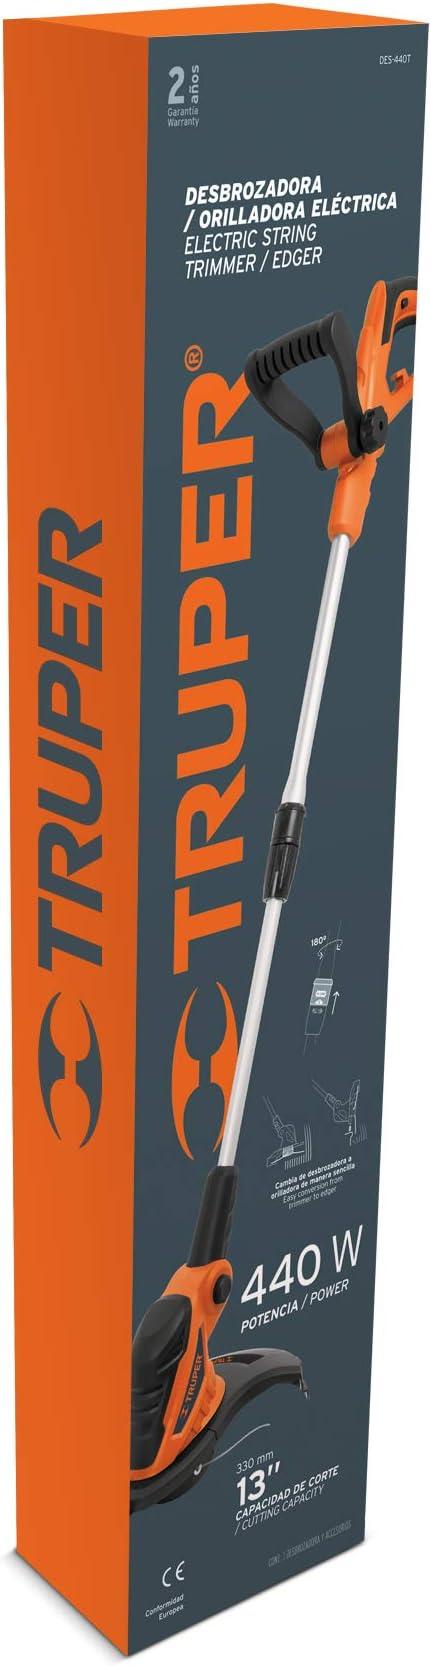 Amazon.com: Truper des-440 440 W/13